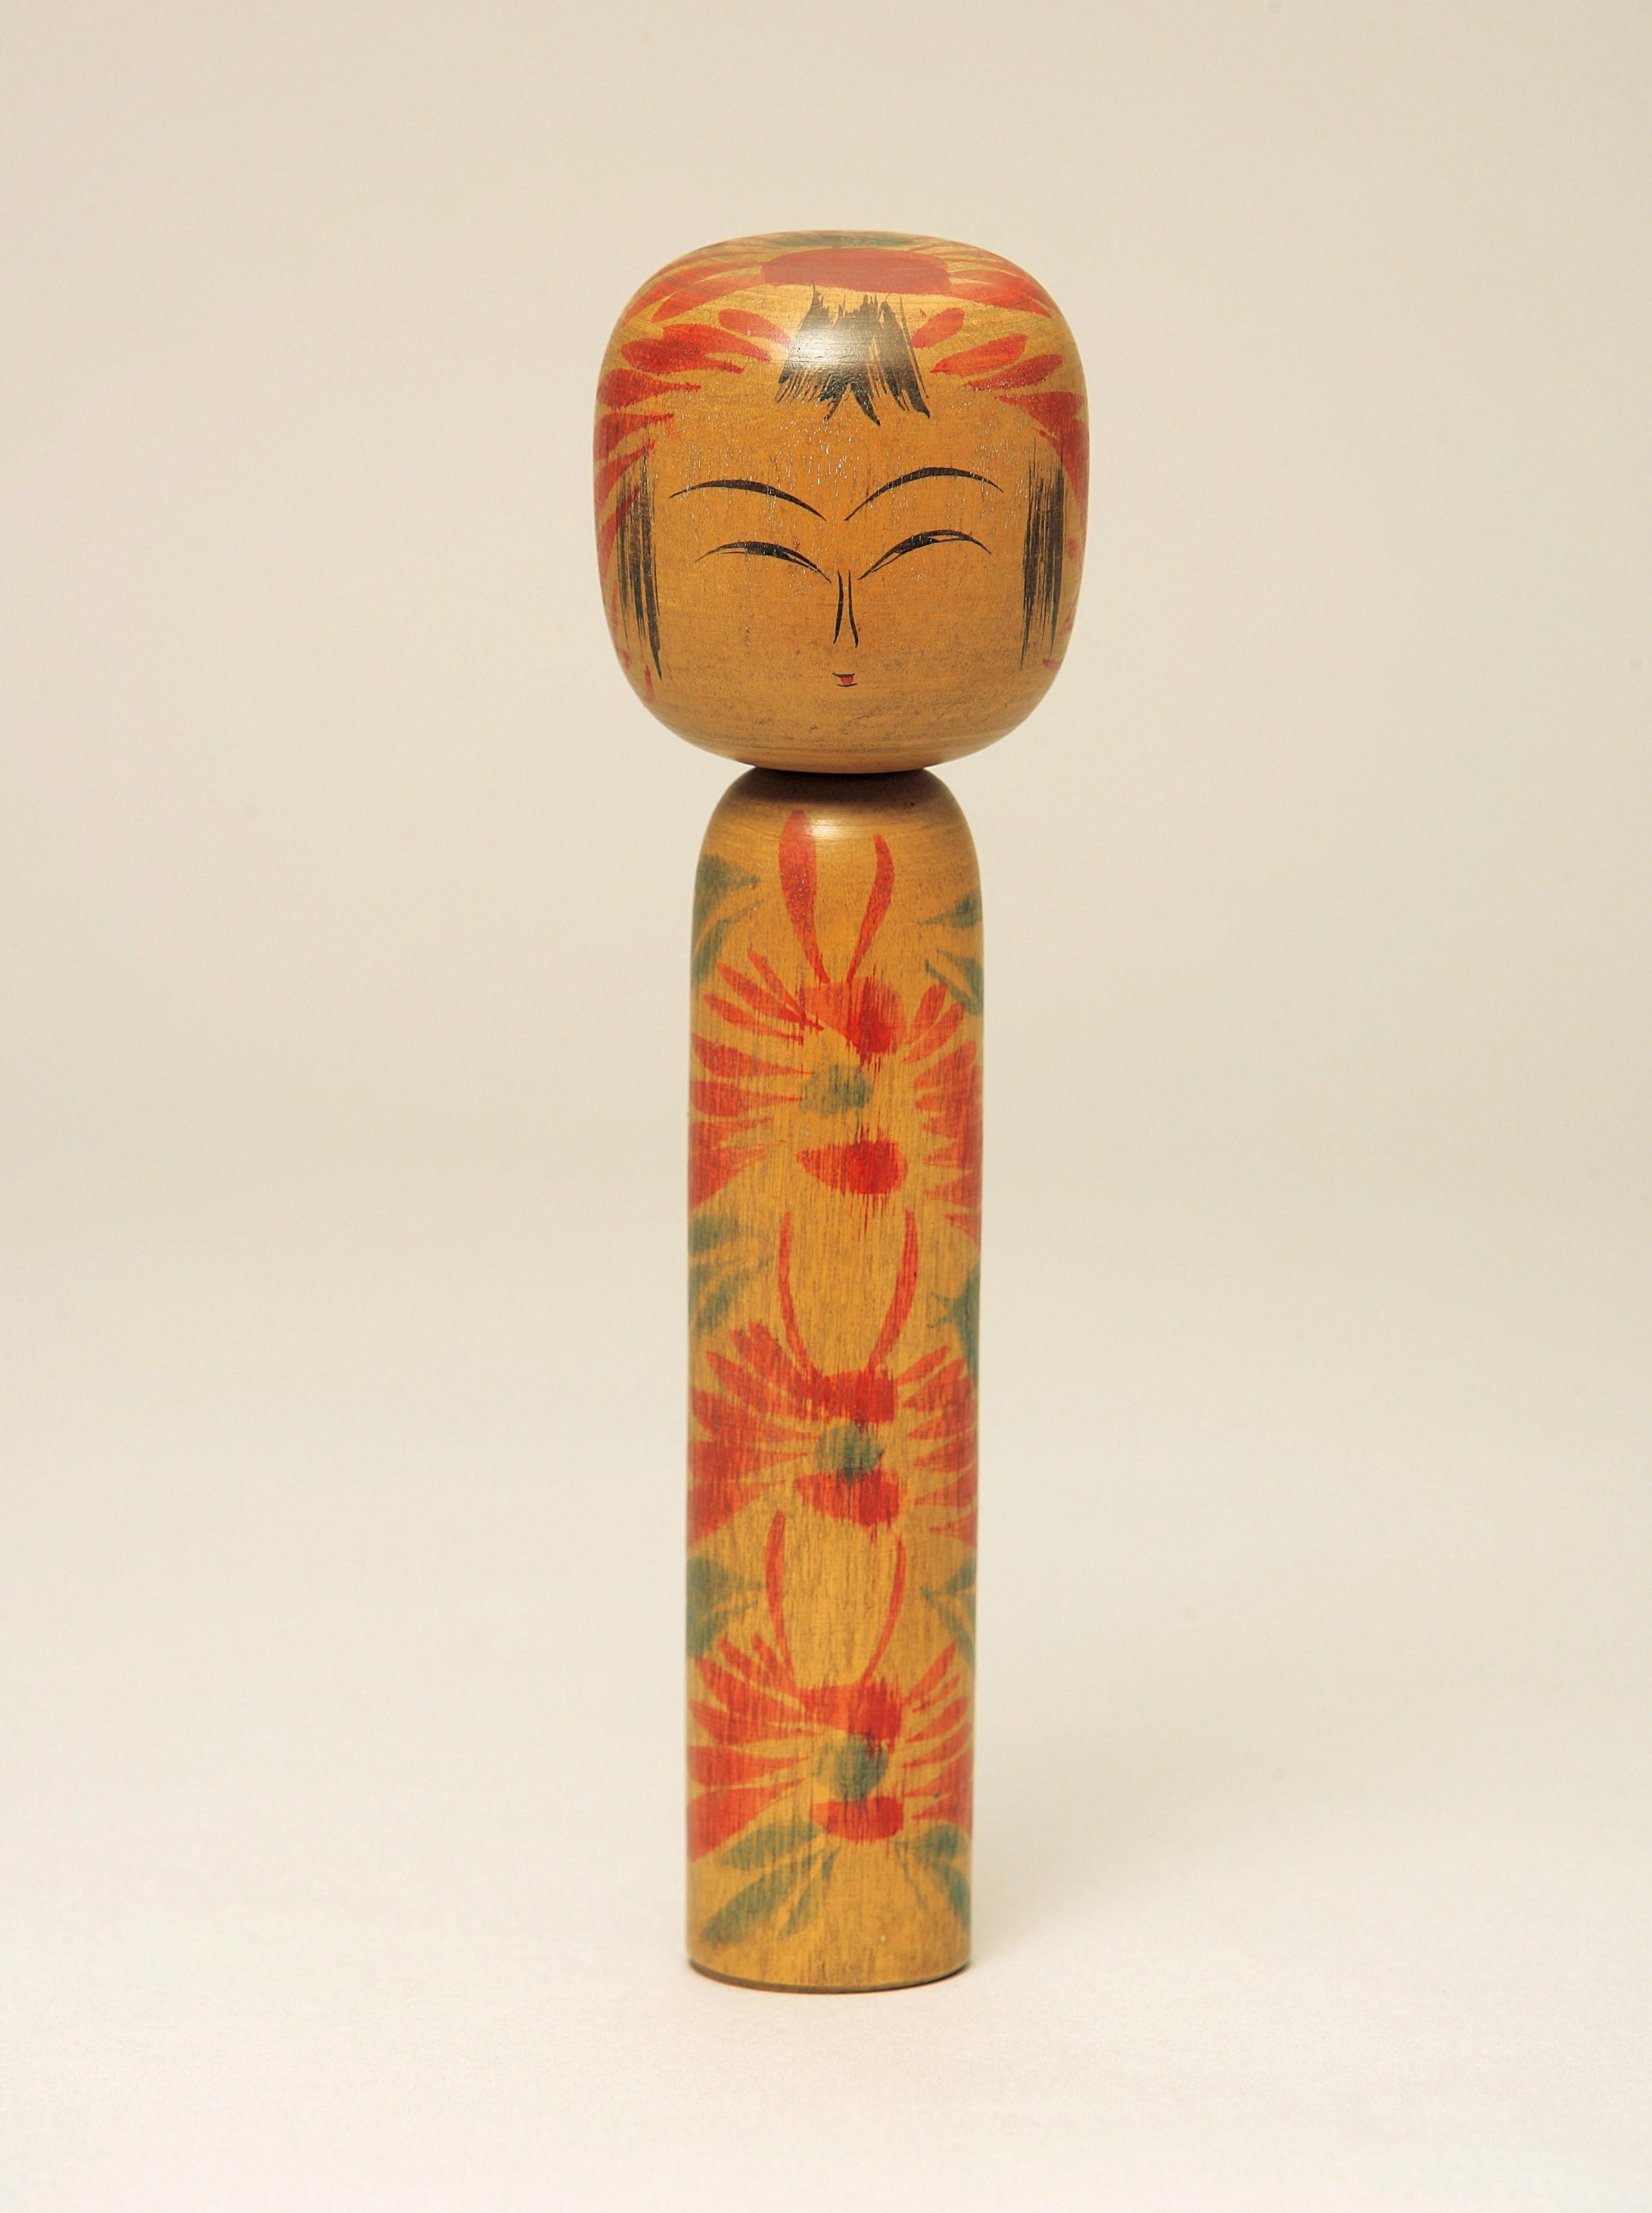 http://www.kameimuseum.or.jp/topics/2020/01/22/%E5%B0%8F%E5%8E%9F%E7%9B%B4%E6%B2%BB.jpg